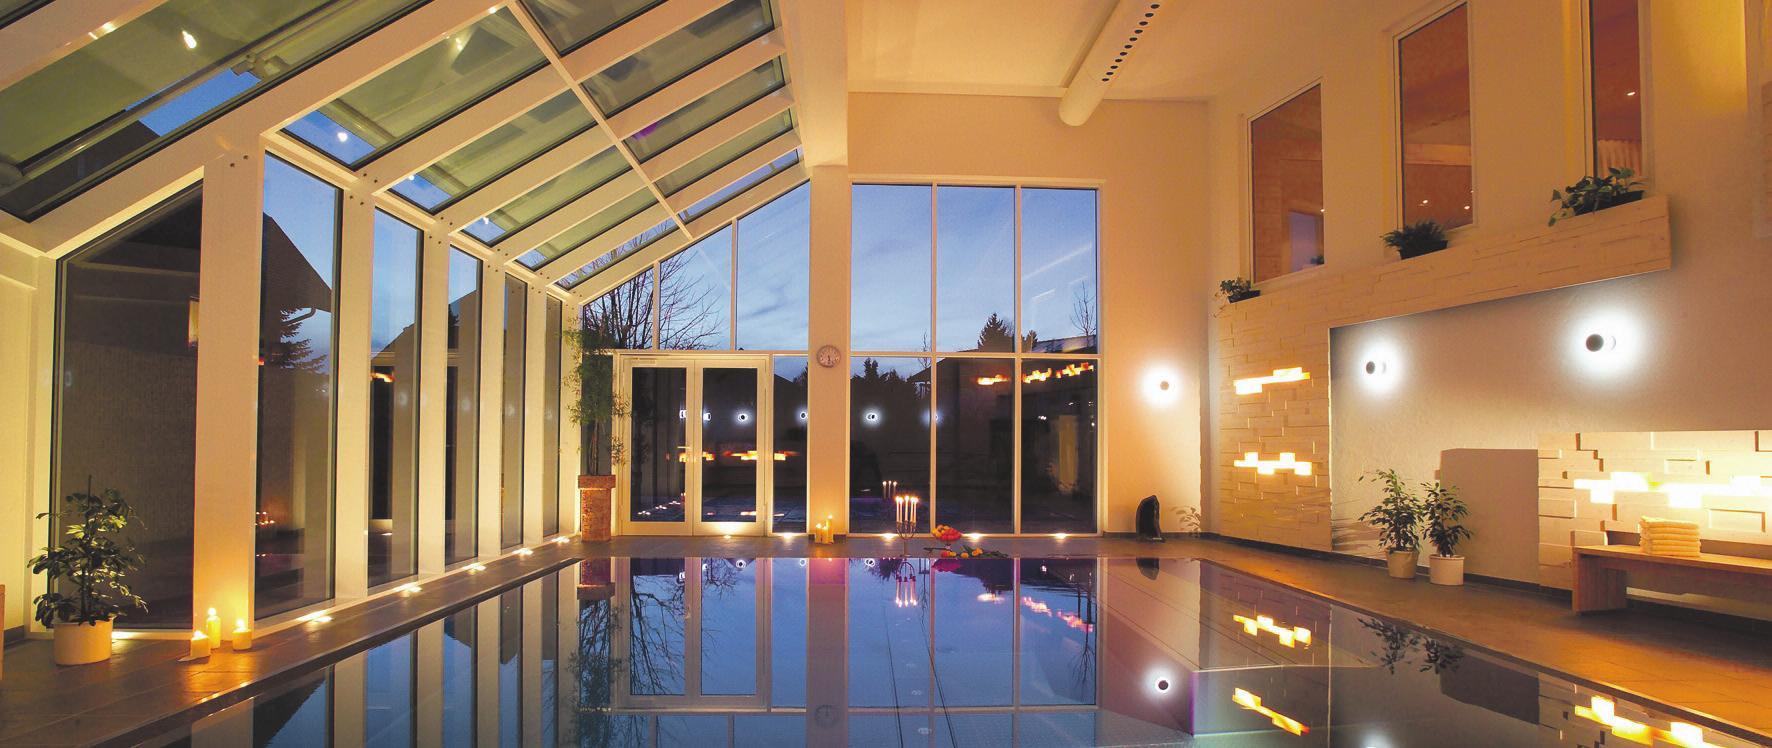 Lädt zum Entspannen ein: der Wellnessbereich. Foto: Hotel Alpenblick